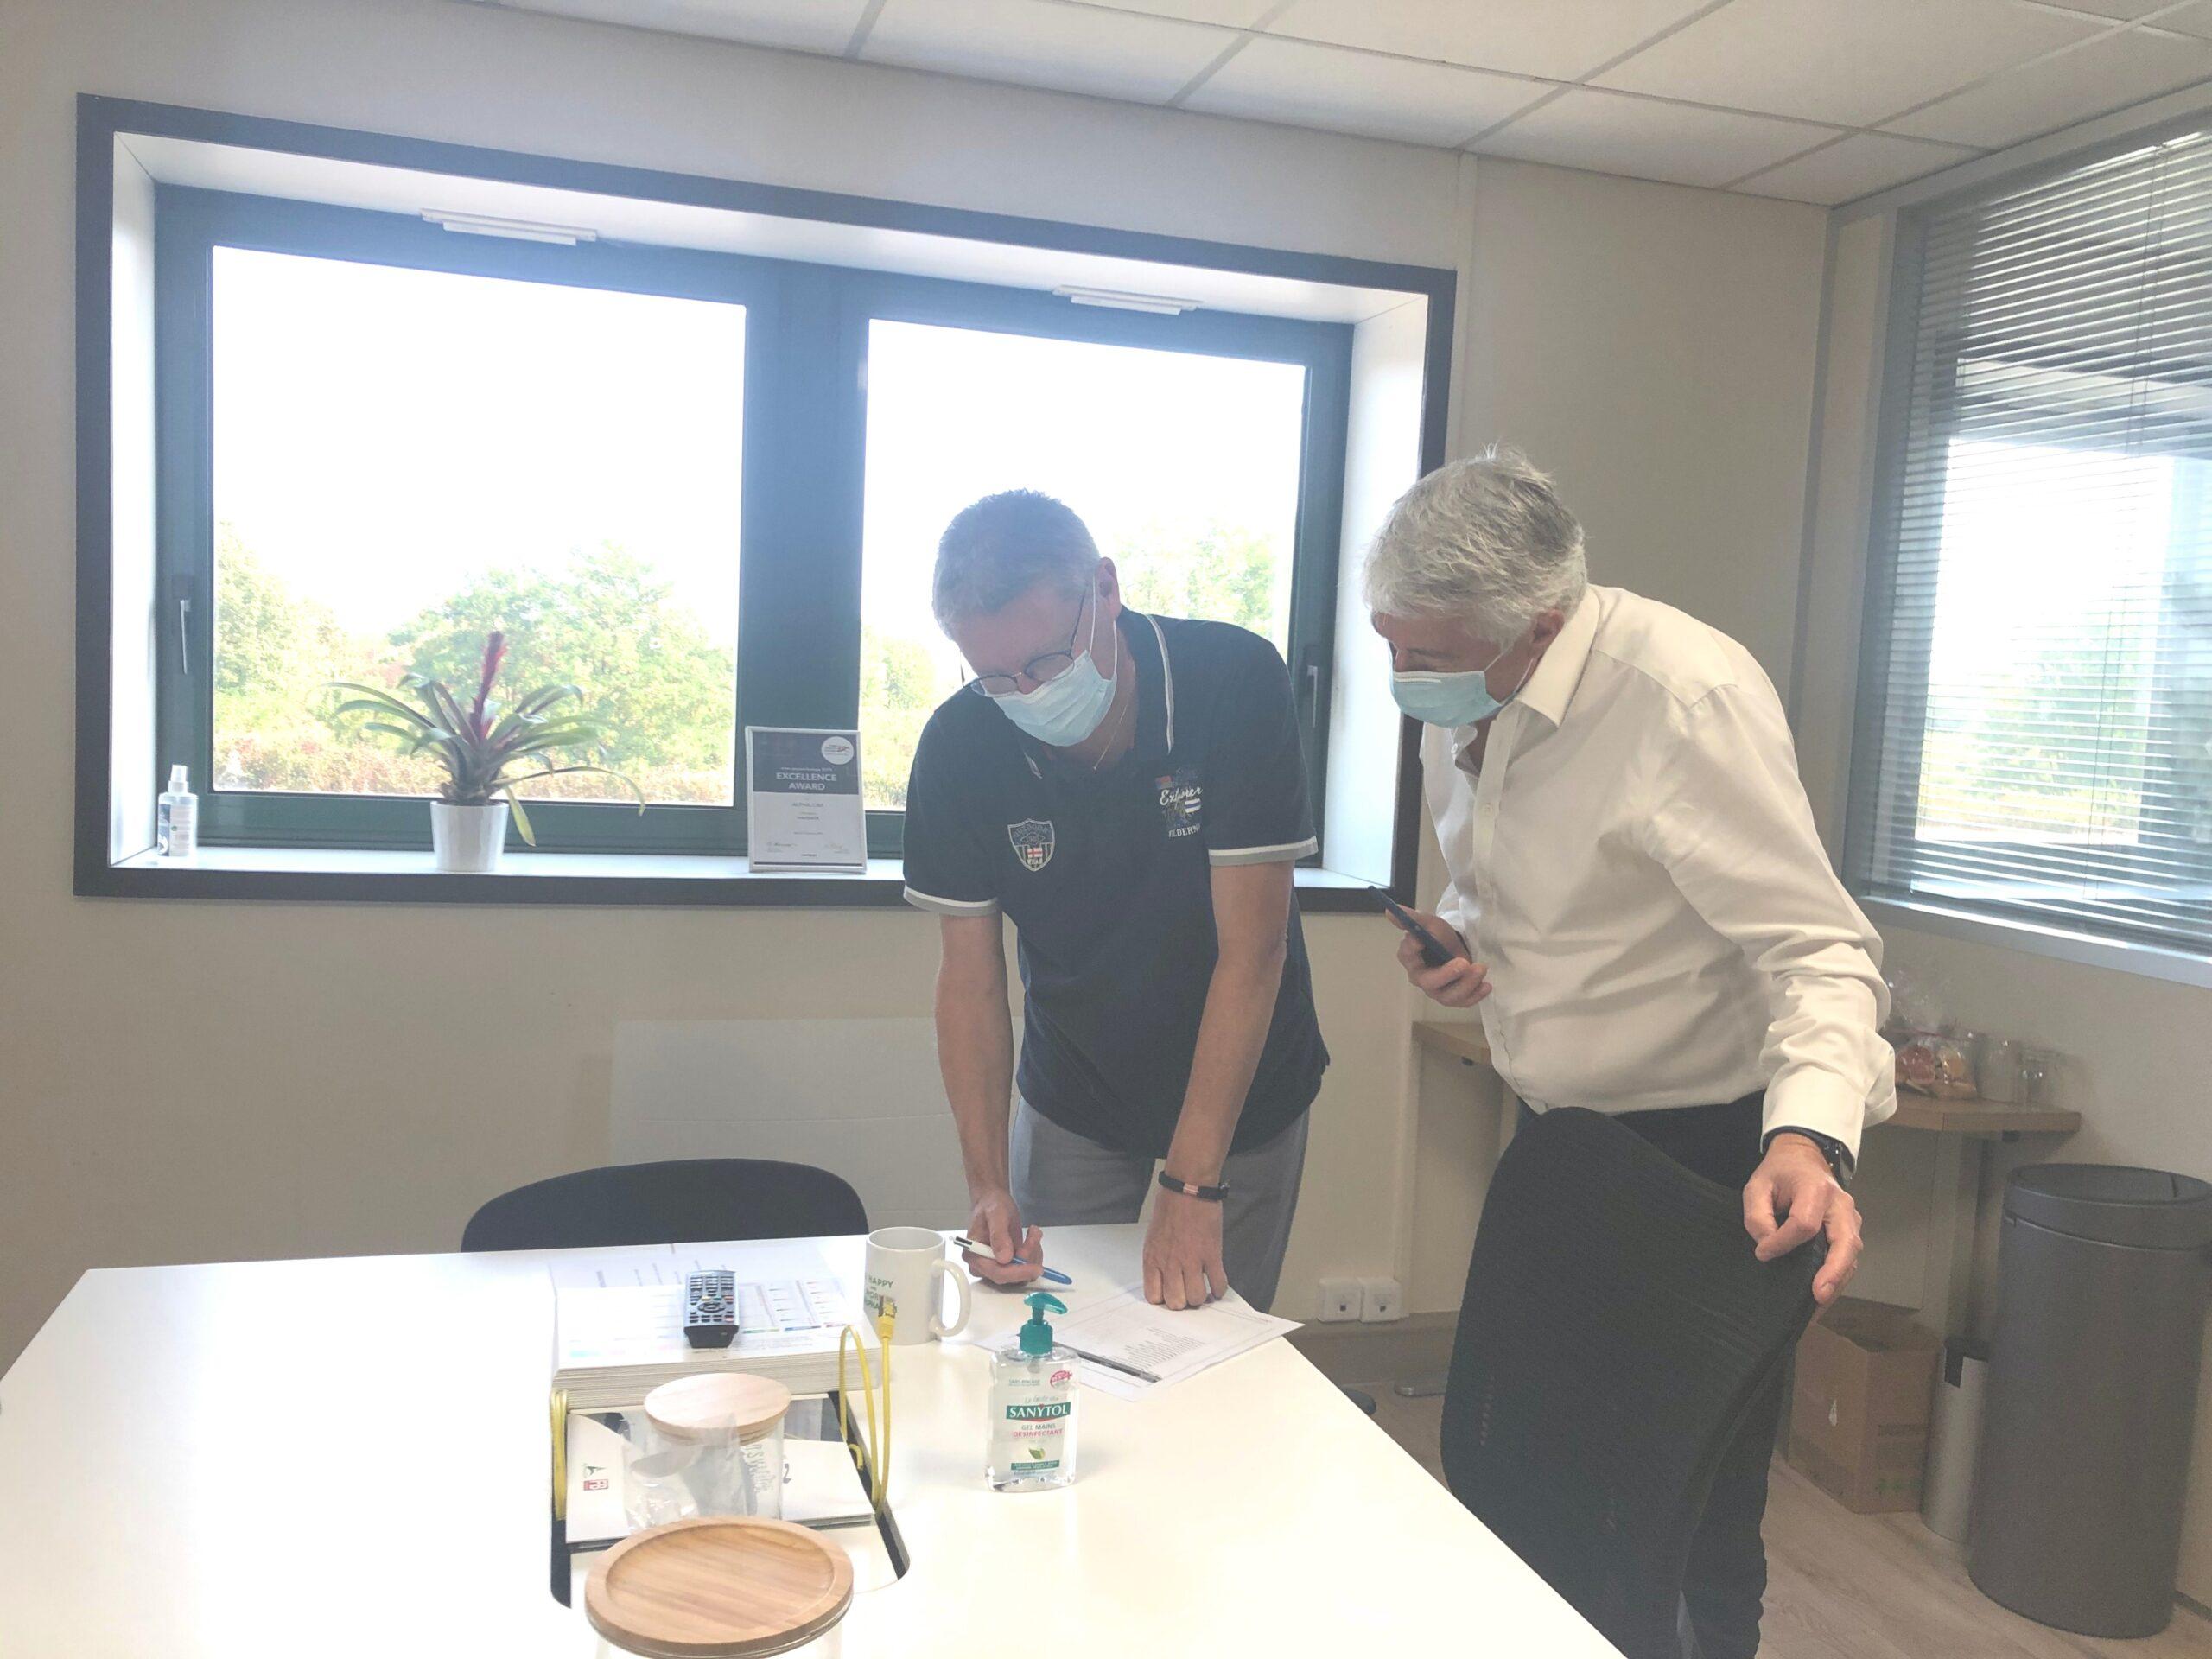 Deux hommes travaillent dans un bureau